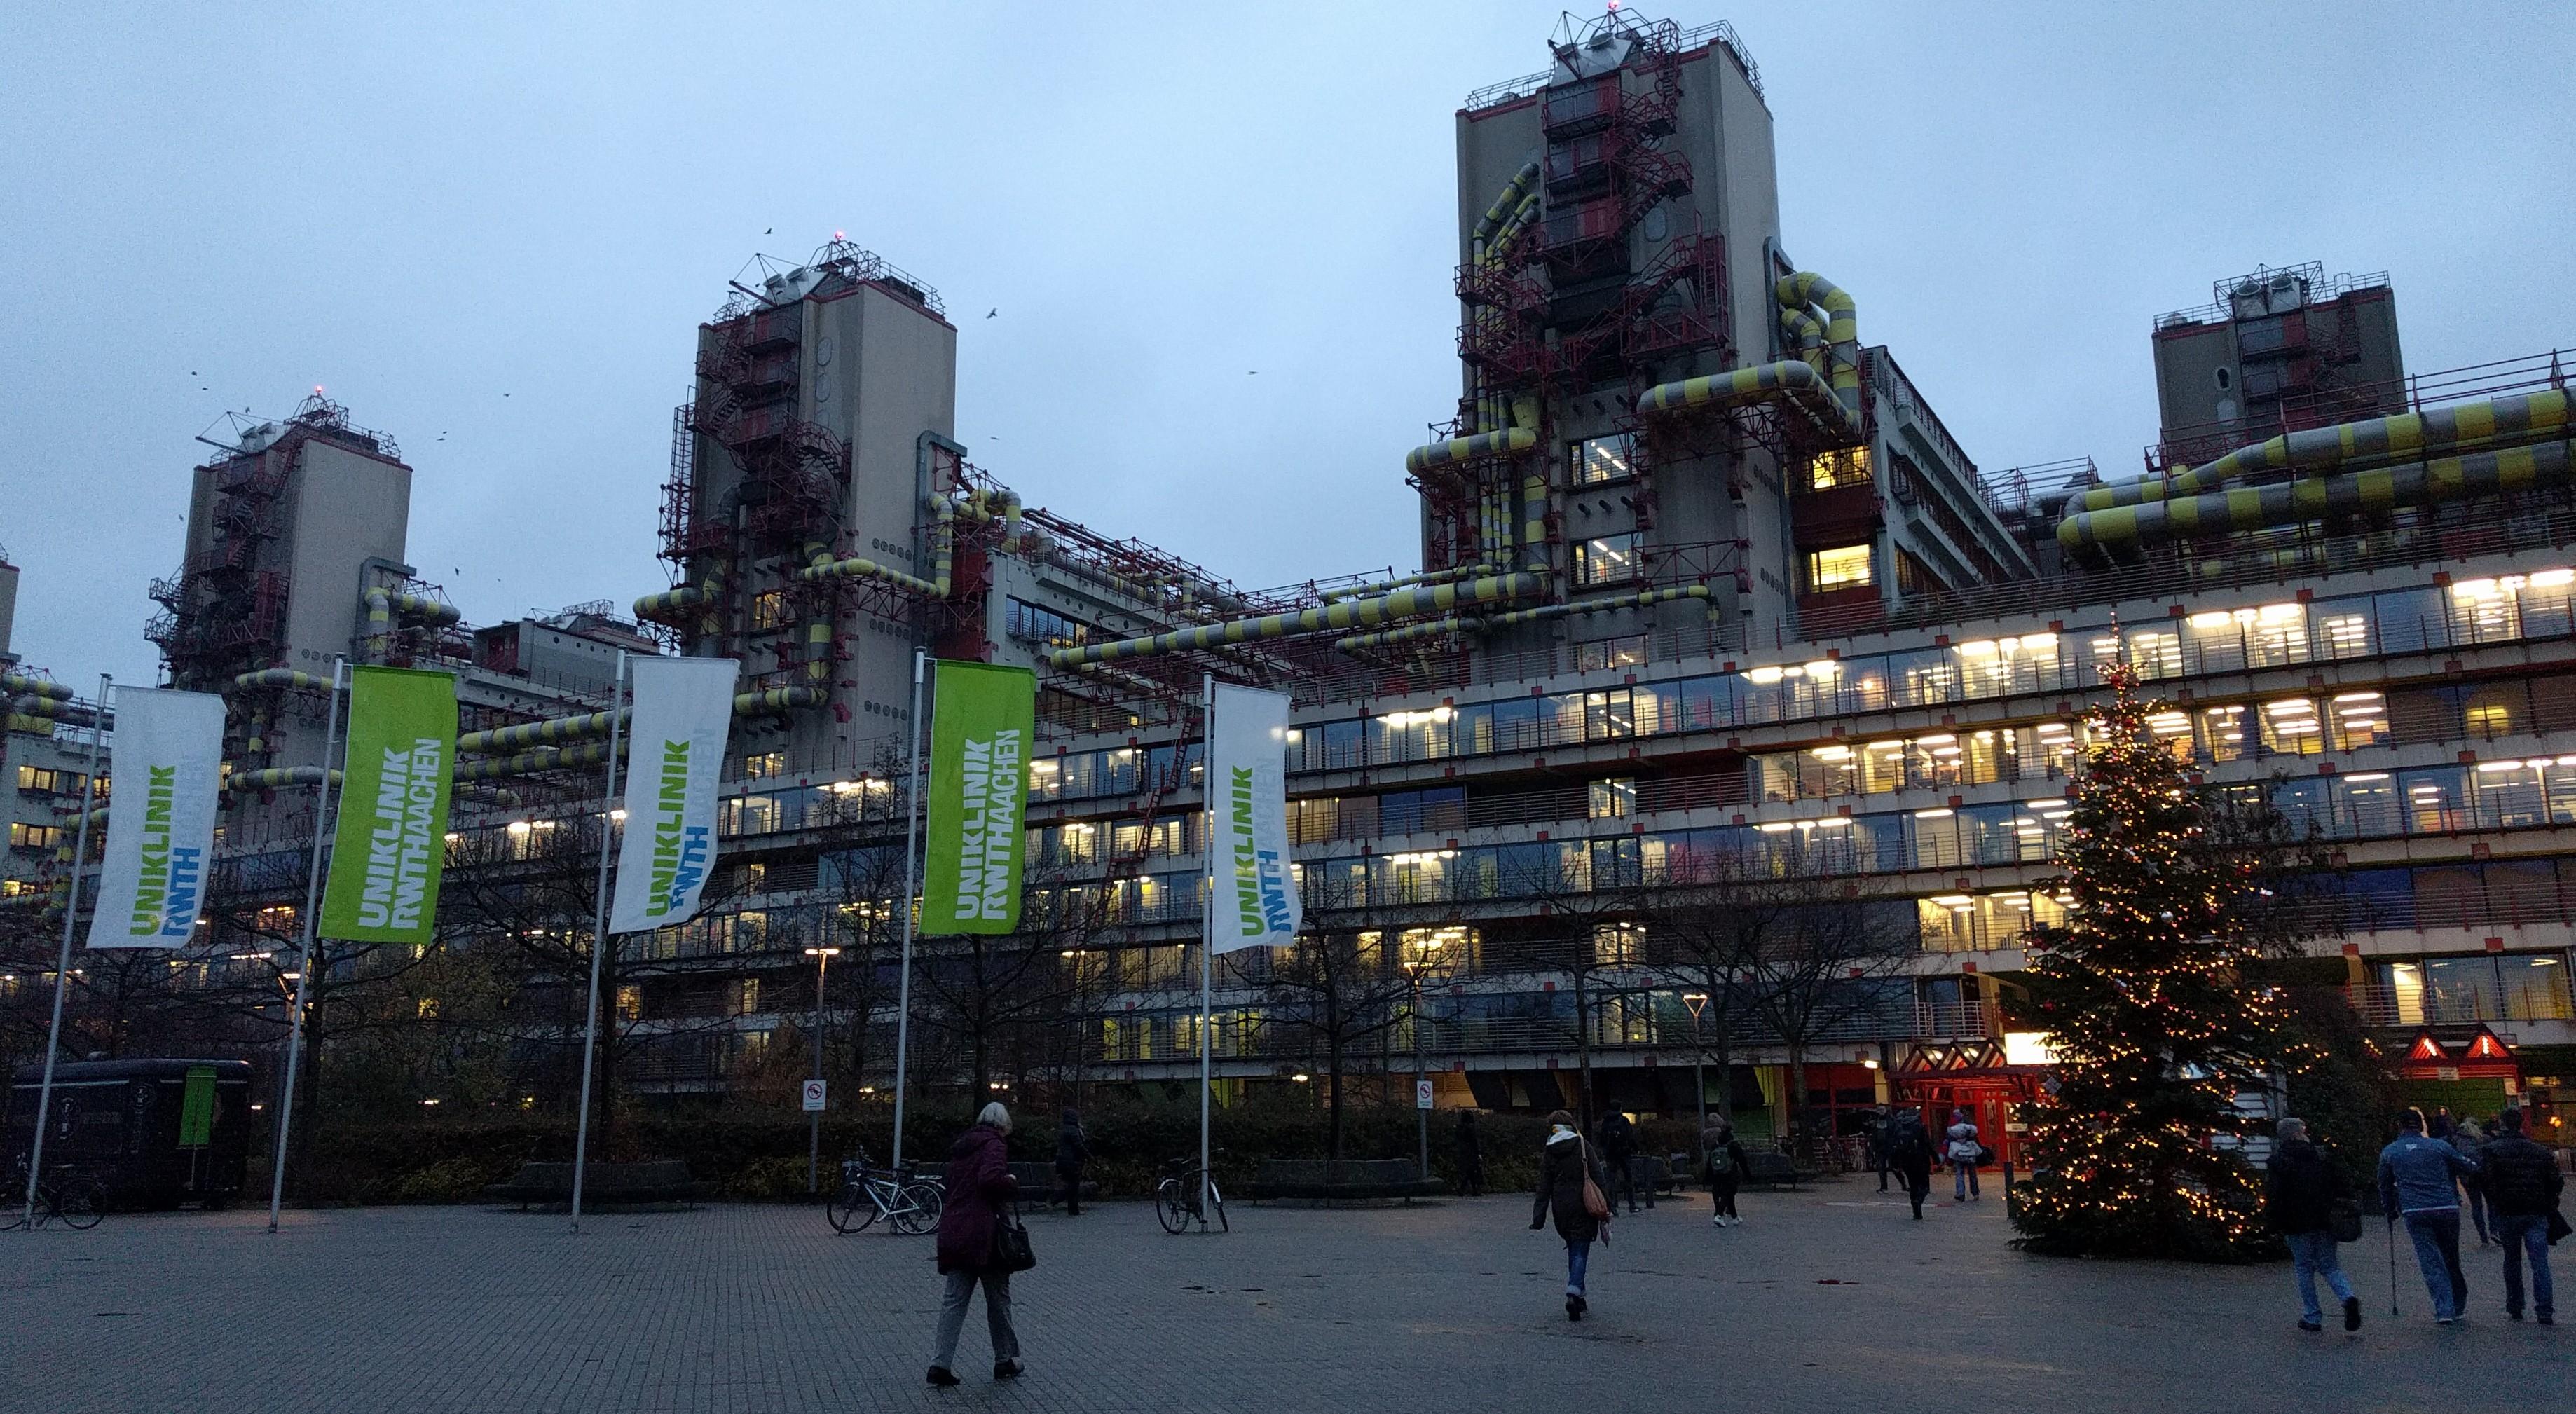 Adventsstimmung vor der RWTH-Uniklinik in Aachen